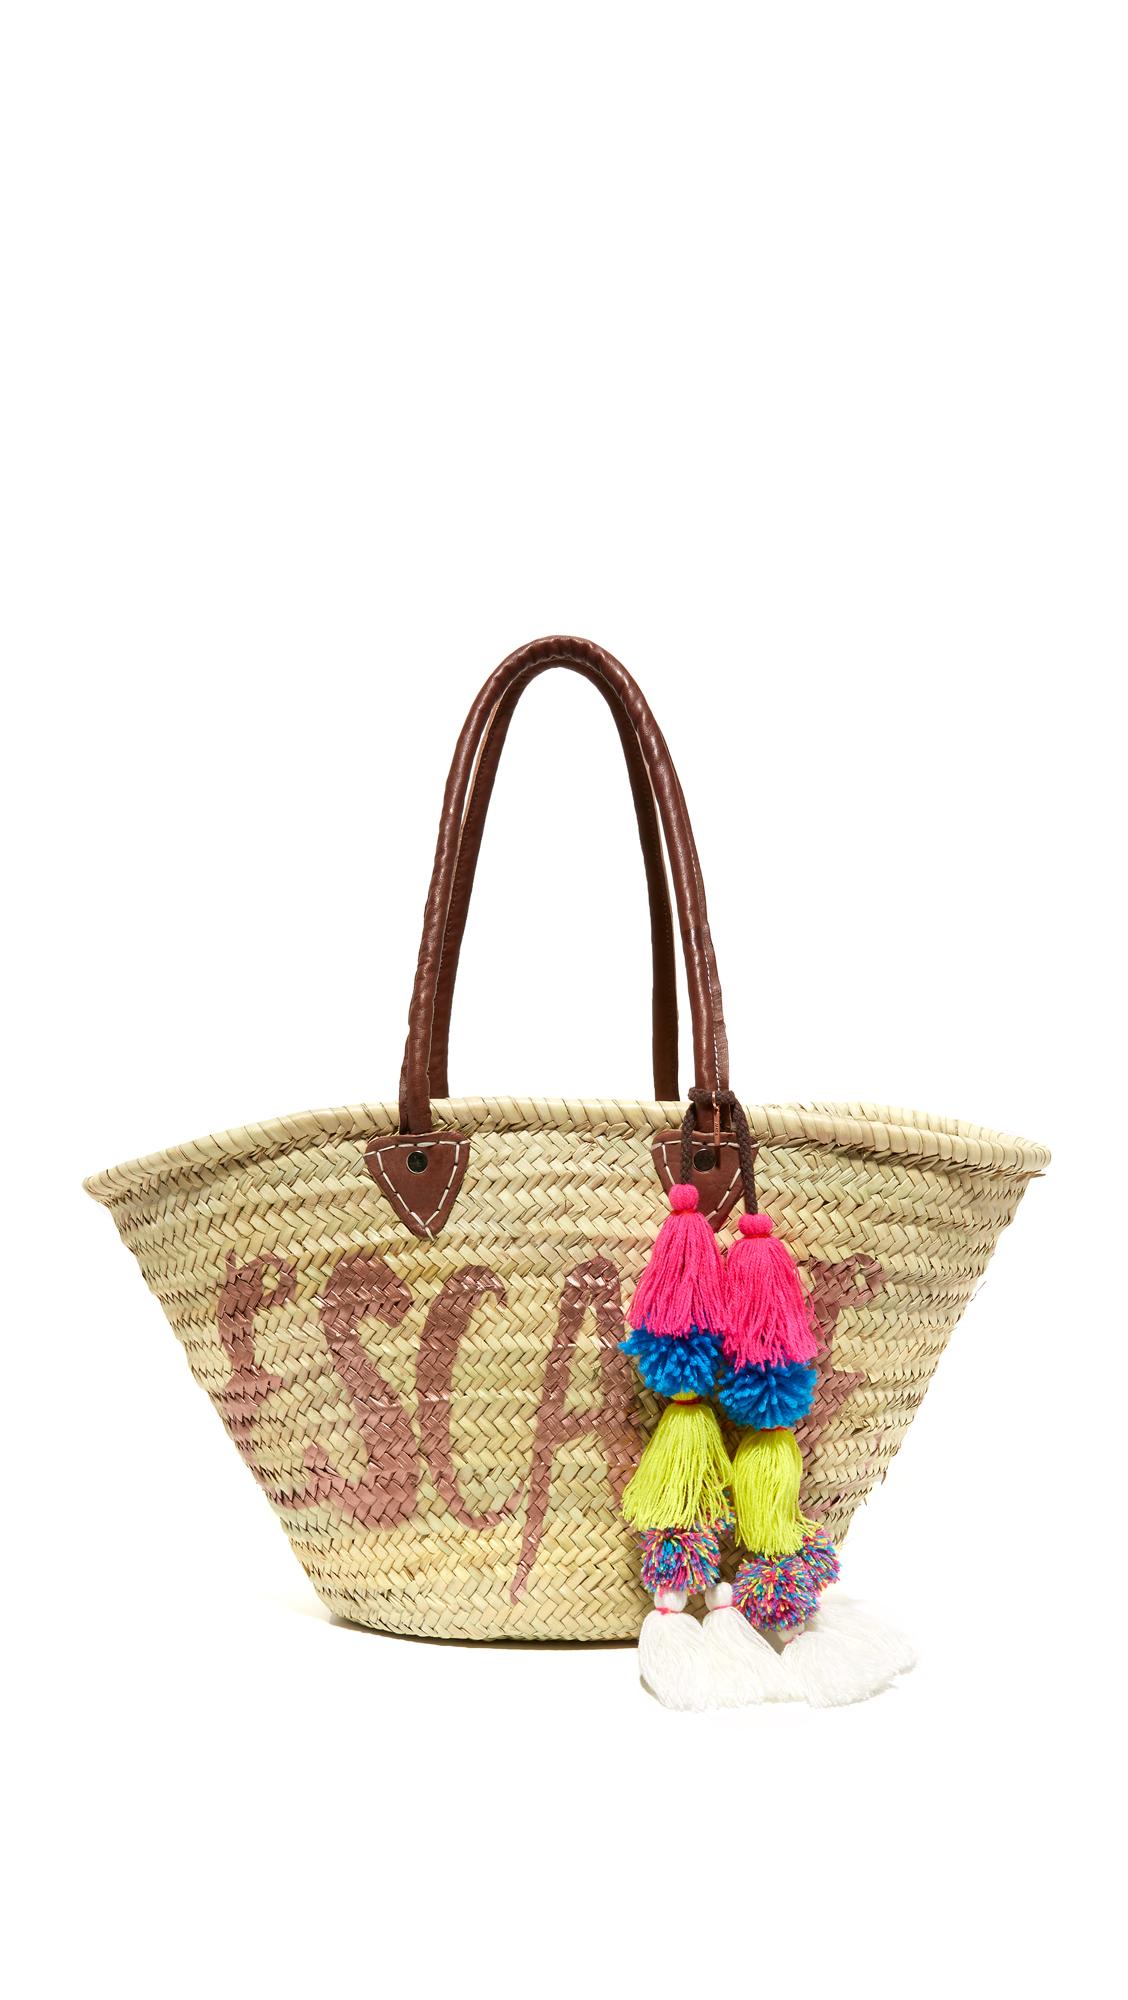 misa female 255807 misa escape marrakech market basket rose gold